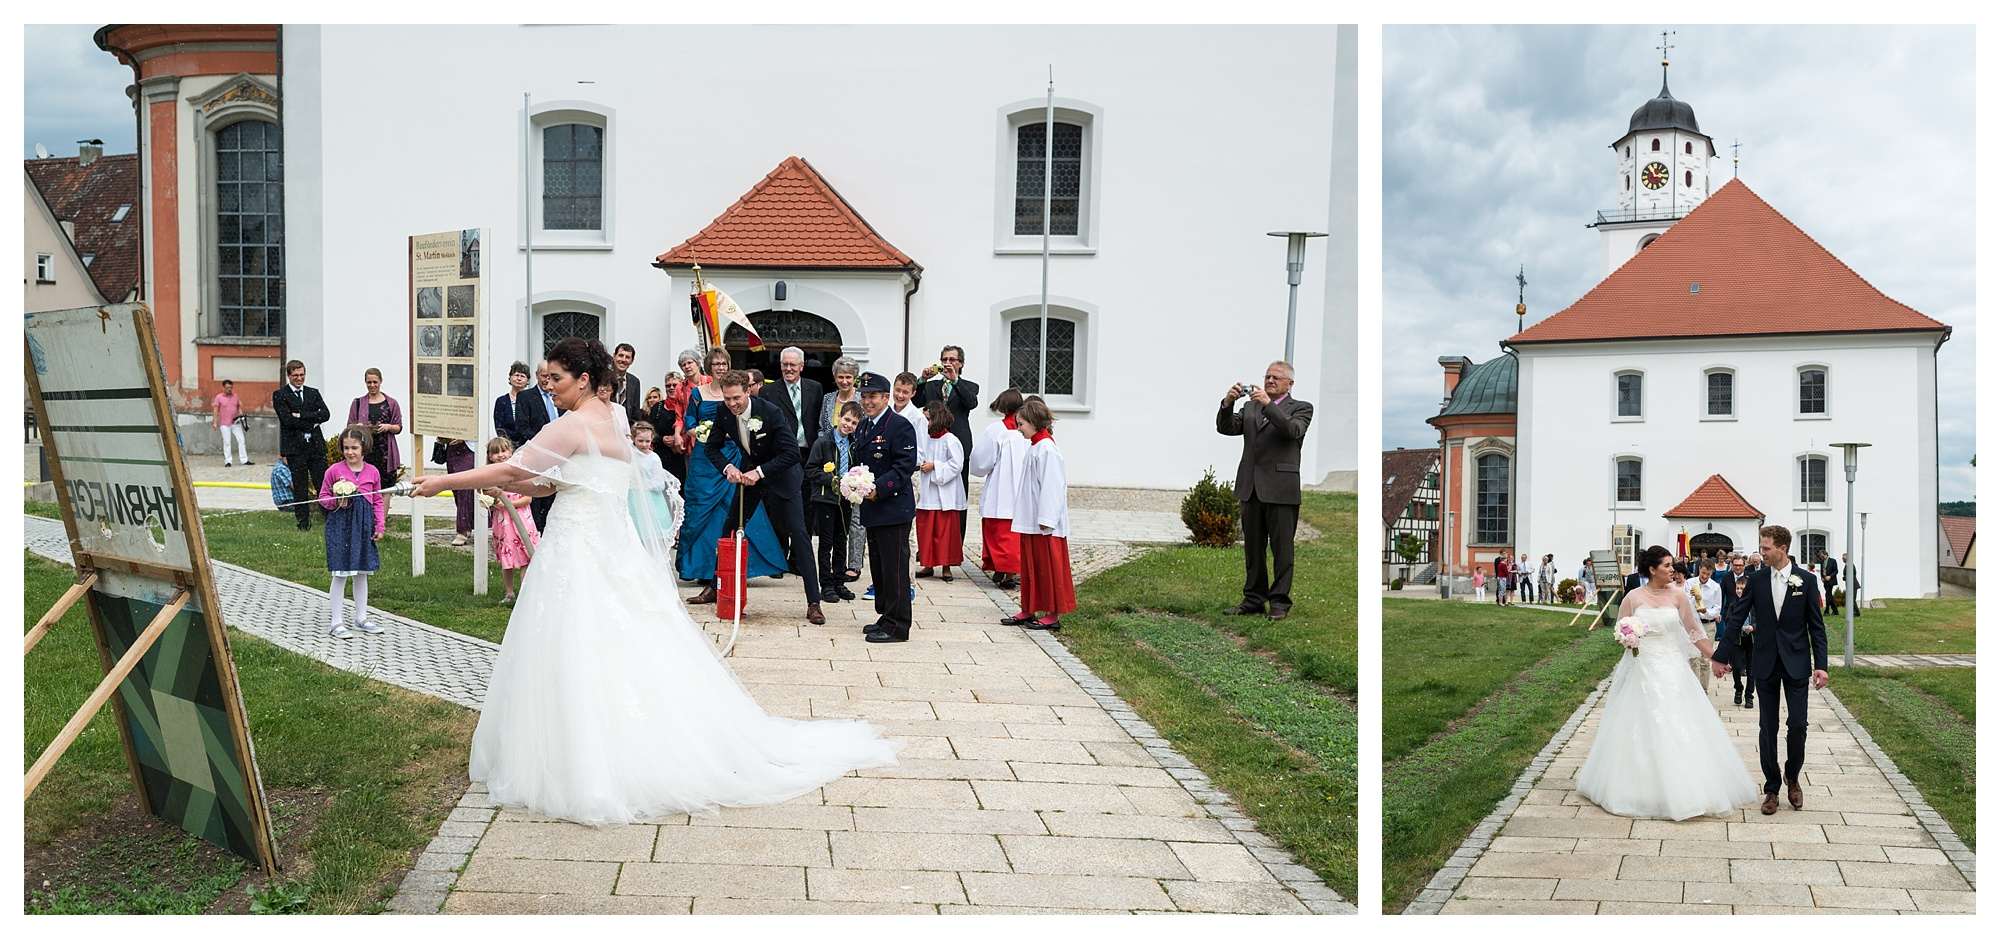 Fotograf Konstanz - Hochzeit Tanja Elmar Elmar Feuerbacher Photography Konstanz Messkirch Highlights 042 - Hochzeitsreportage von Tanja und Elmar im Schloss Meßkirch  - 41 -